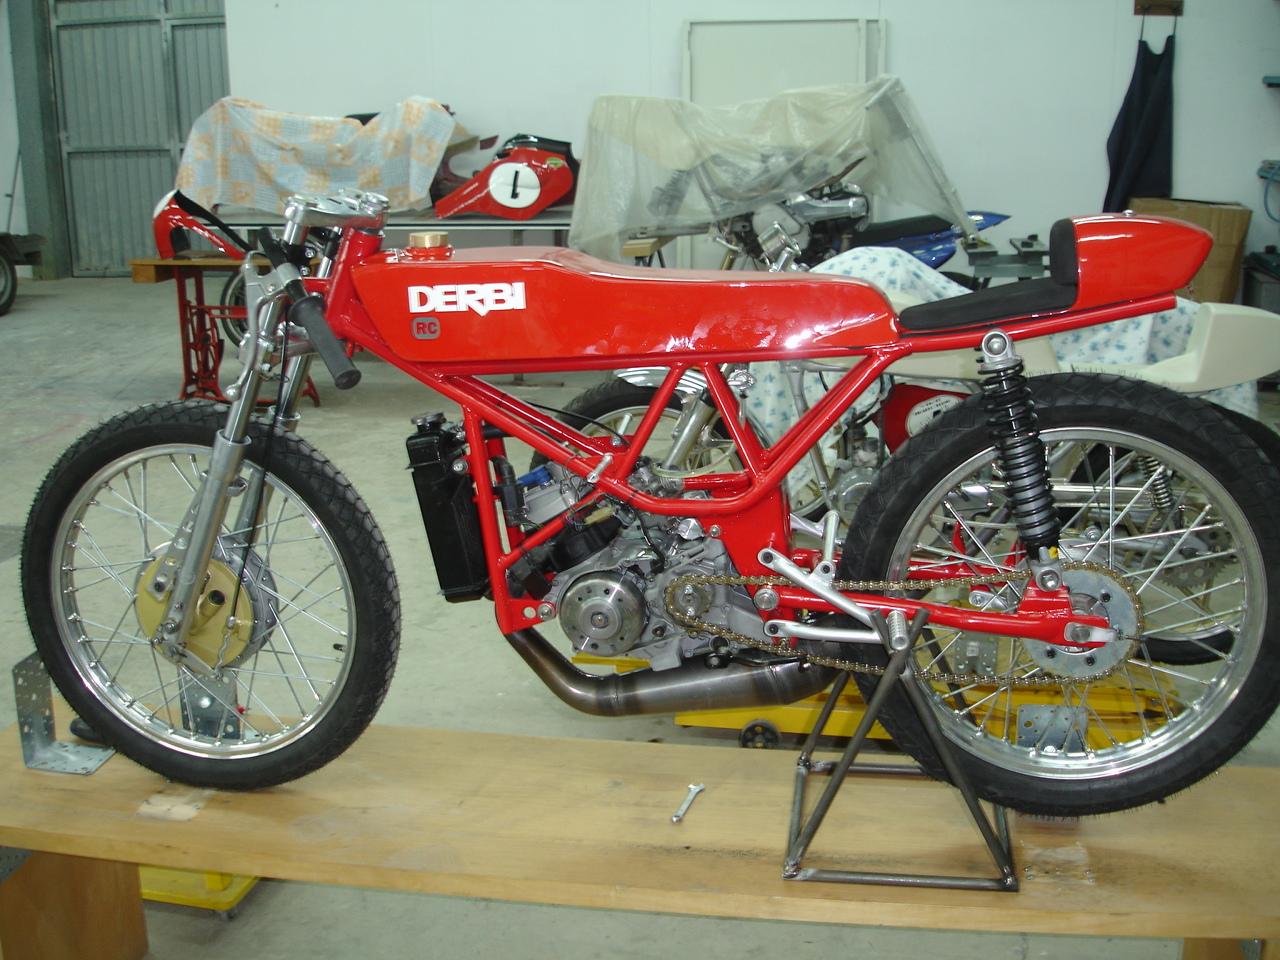 Motor Derbi RAN 20jb5s